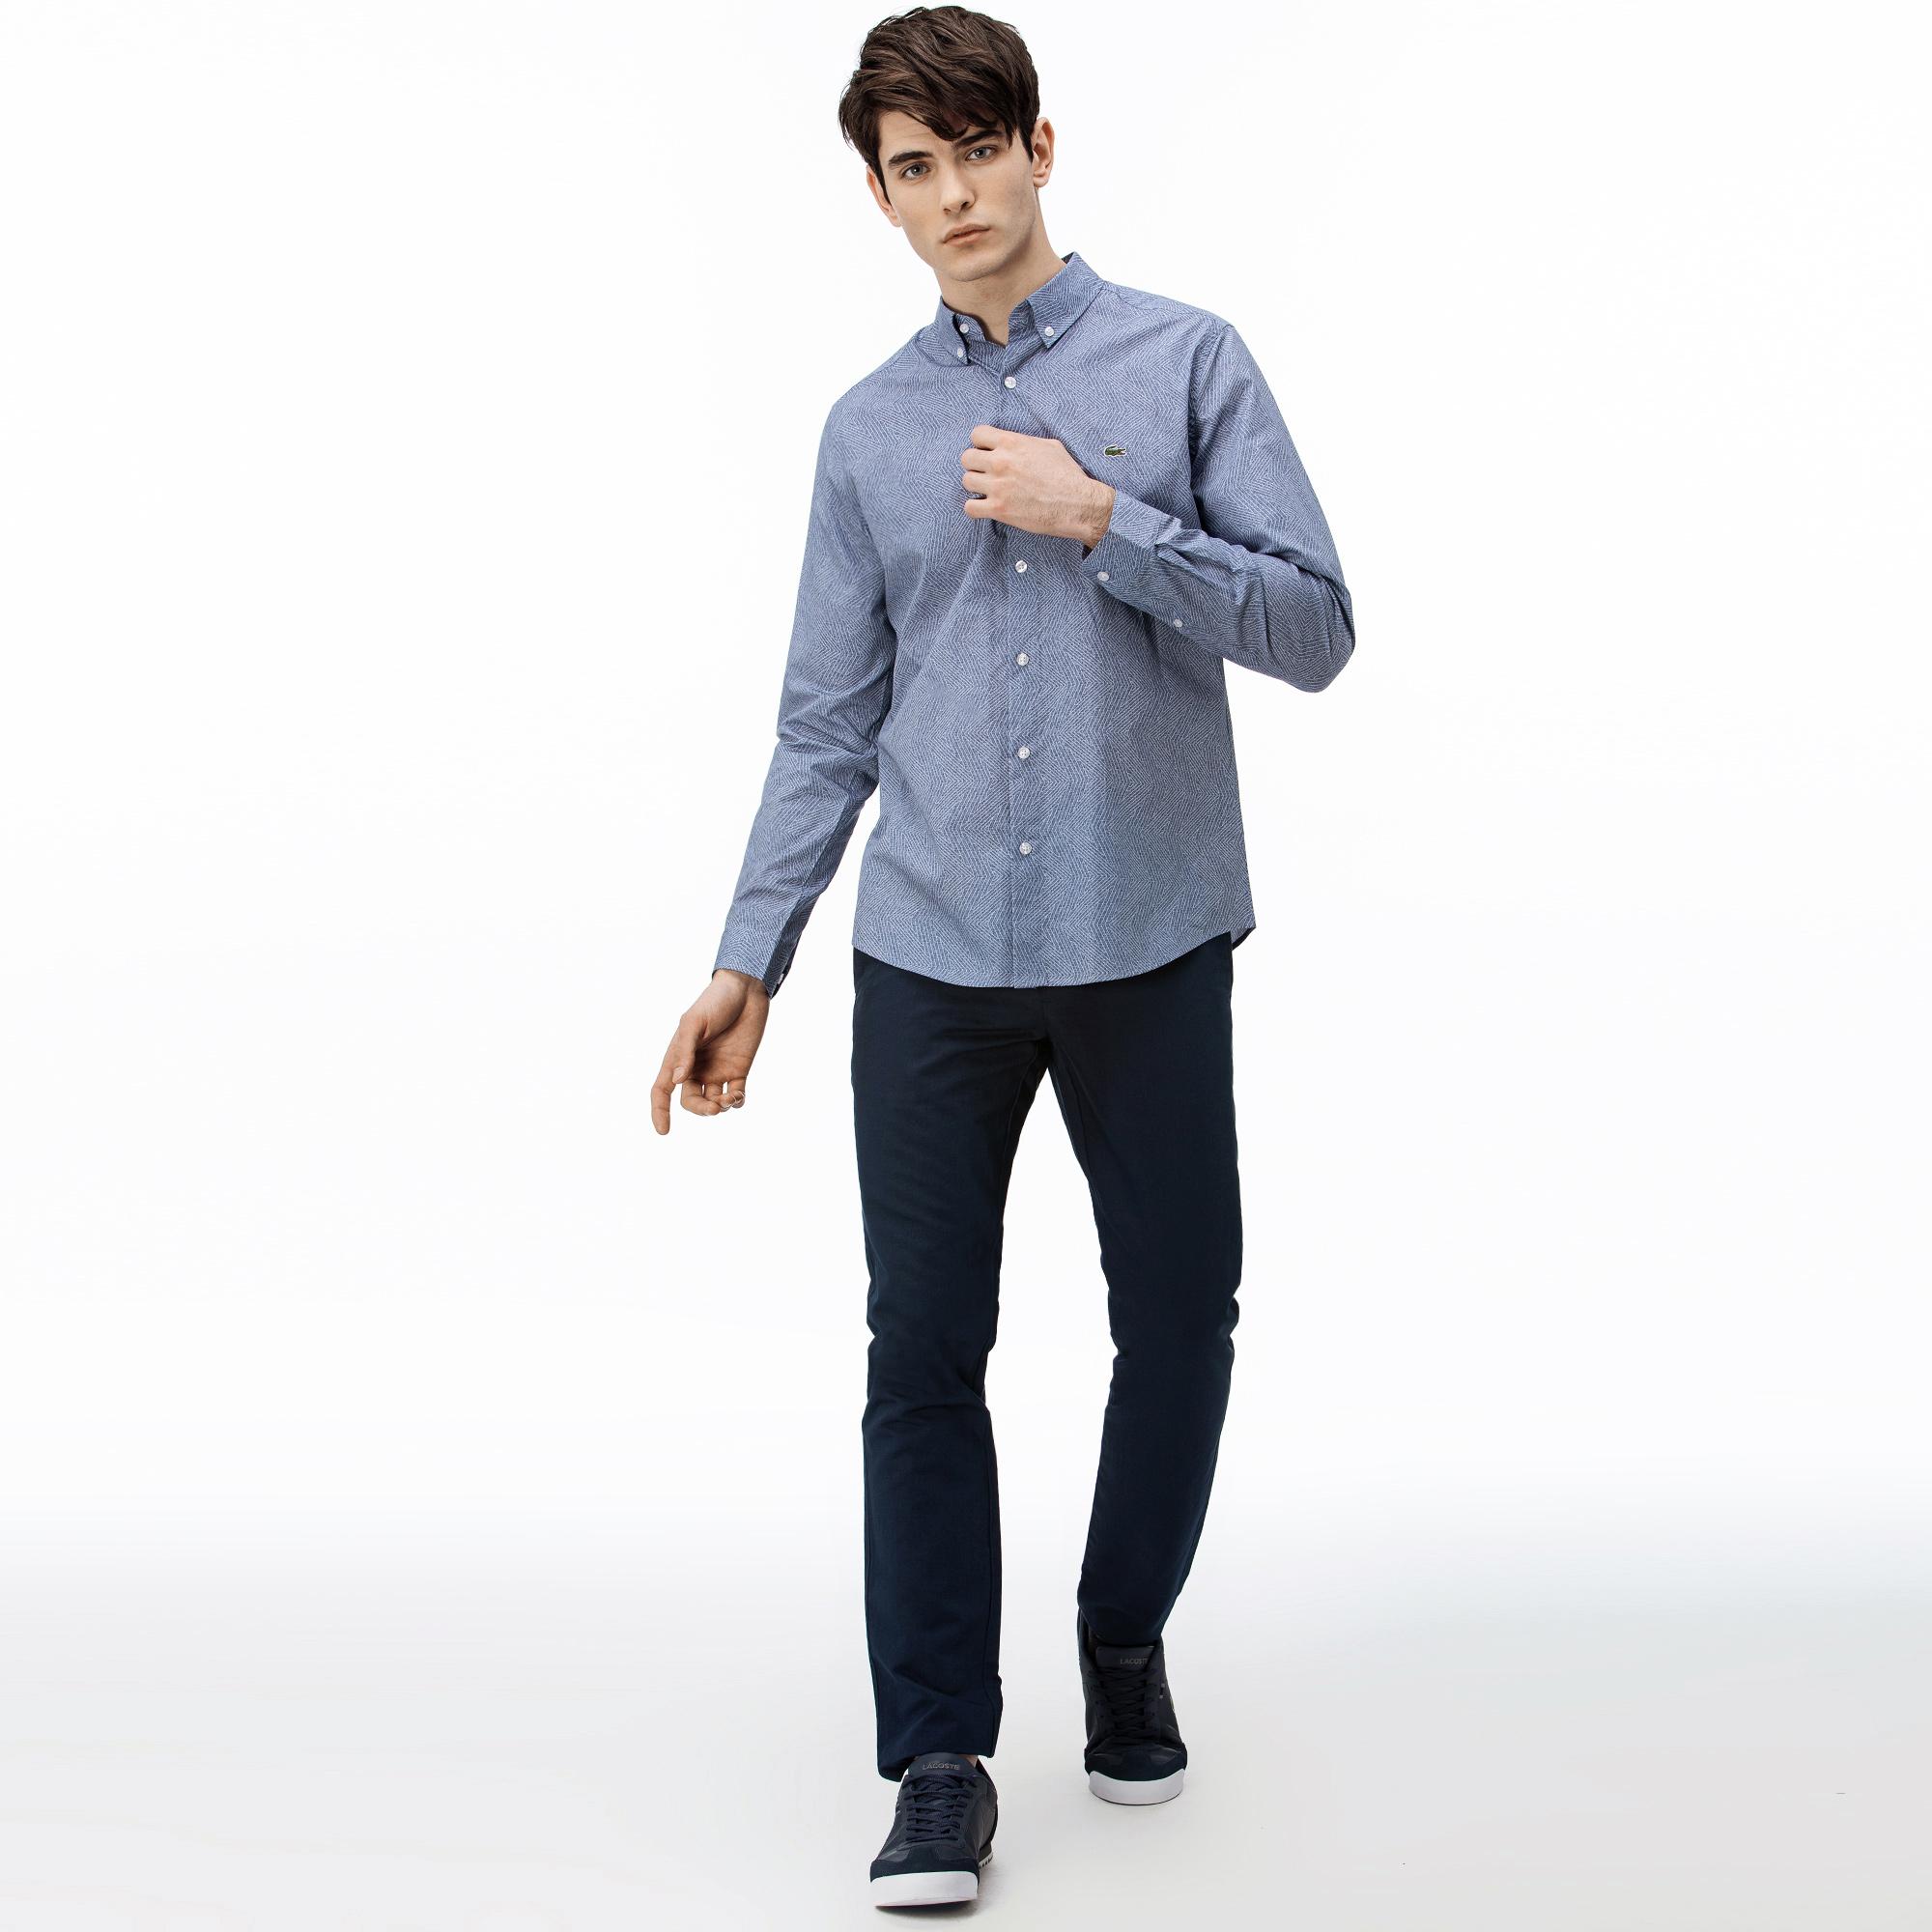 Lacoste Spodnie Męskie Slim Fit Białe